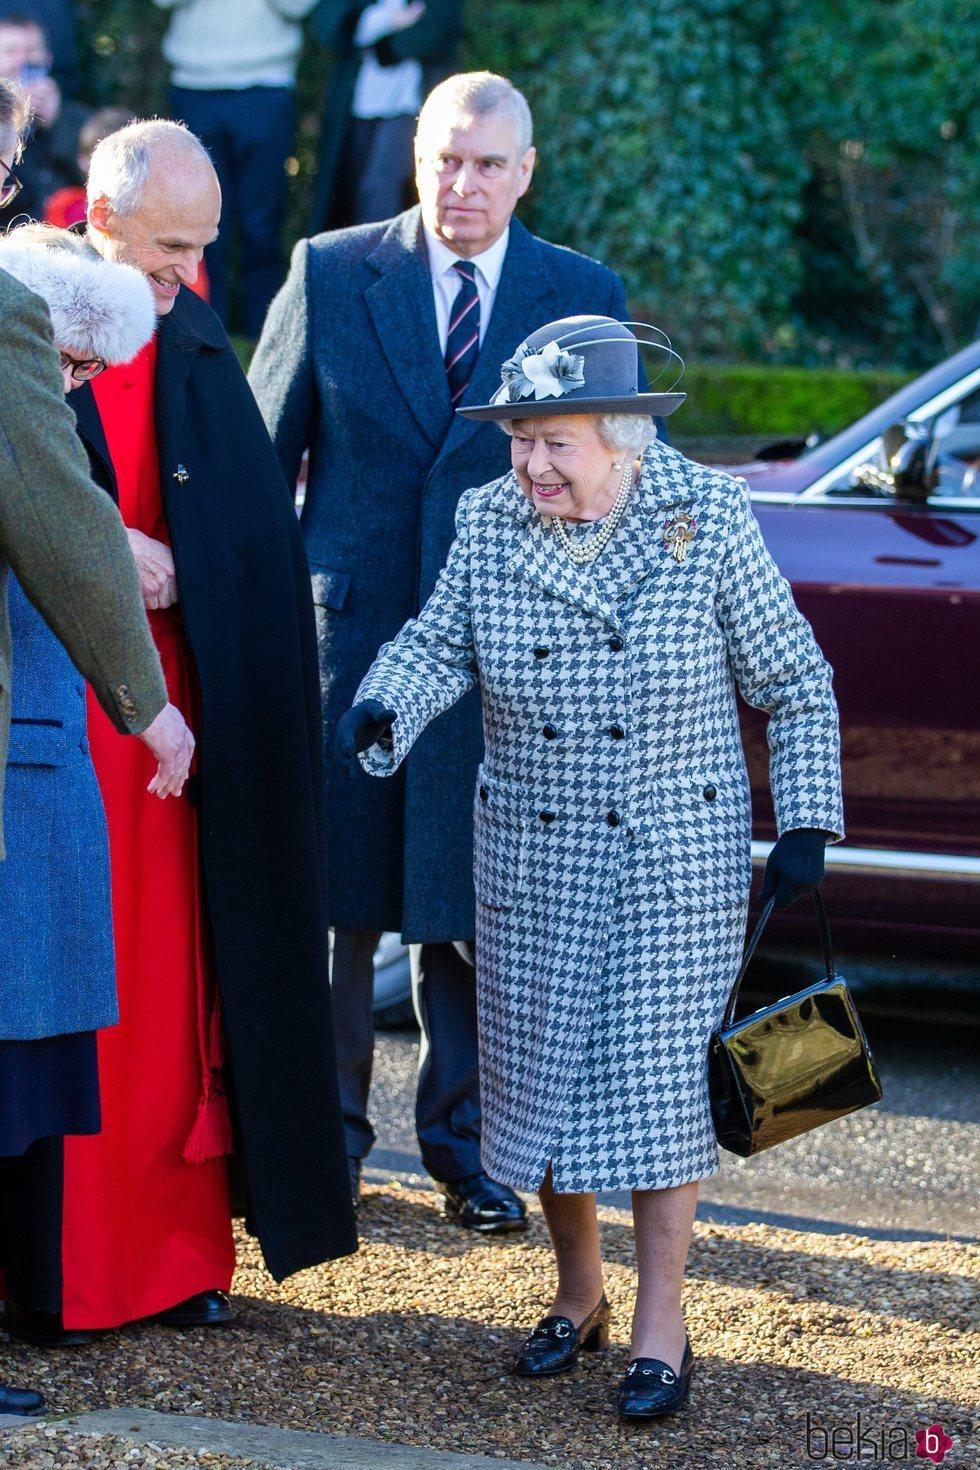 La Reina Isabel II y su hijo, el Príncipe Andrés, llegan al servicio religioso en Sandringham